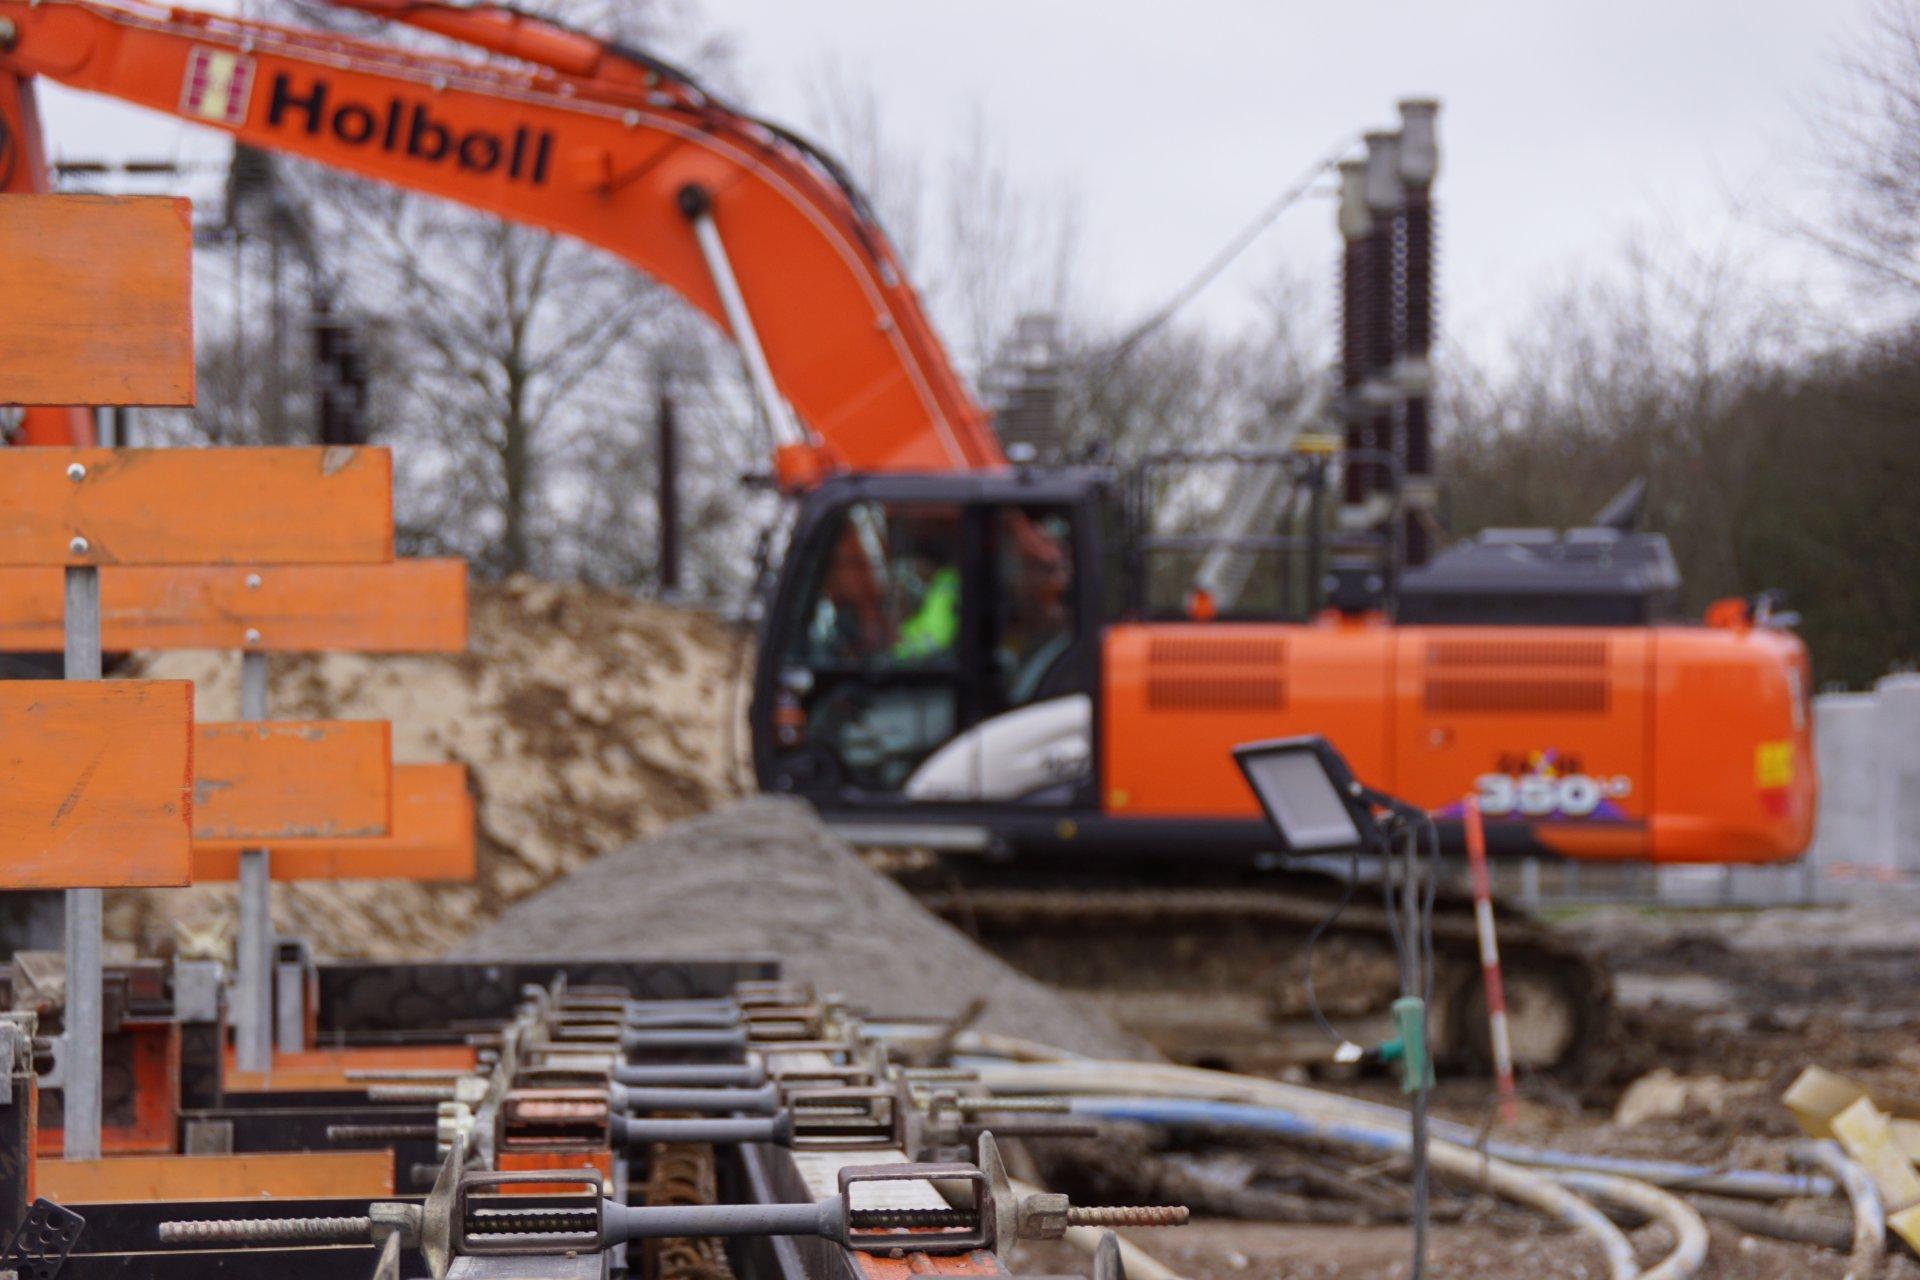 Forsyning   Holbøll udfører lokalt anlægsarbejde